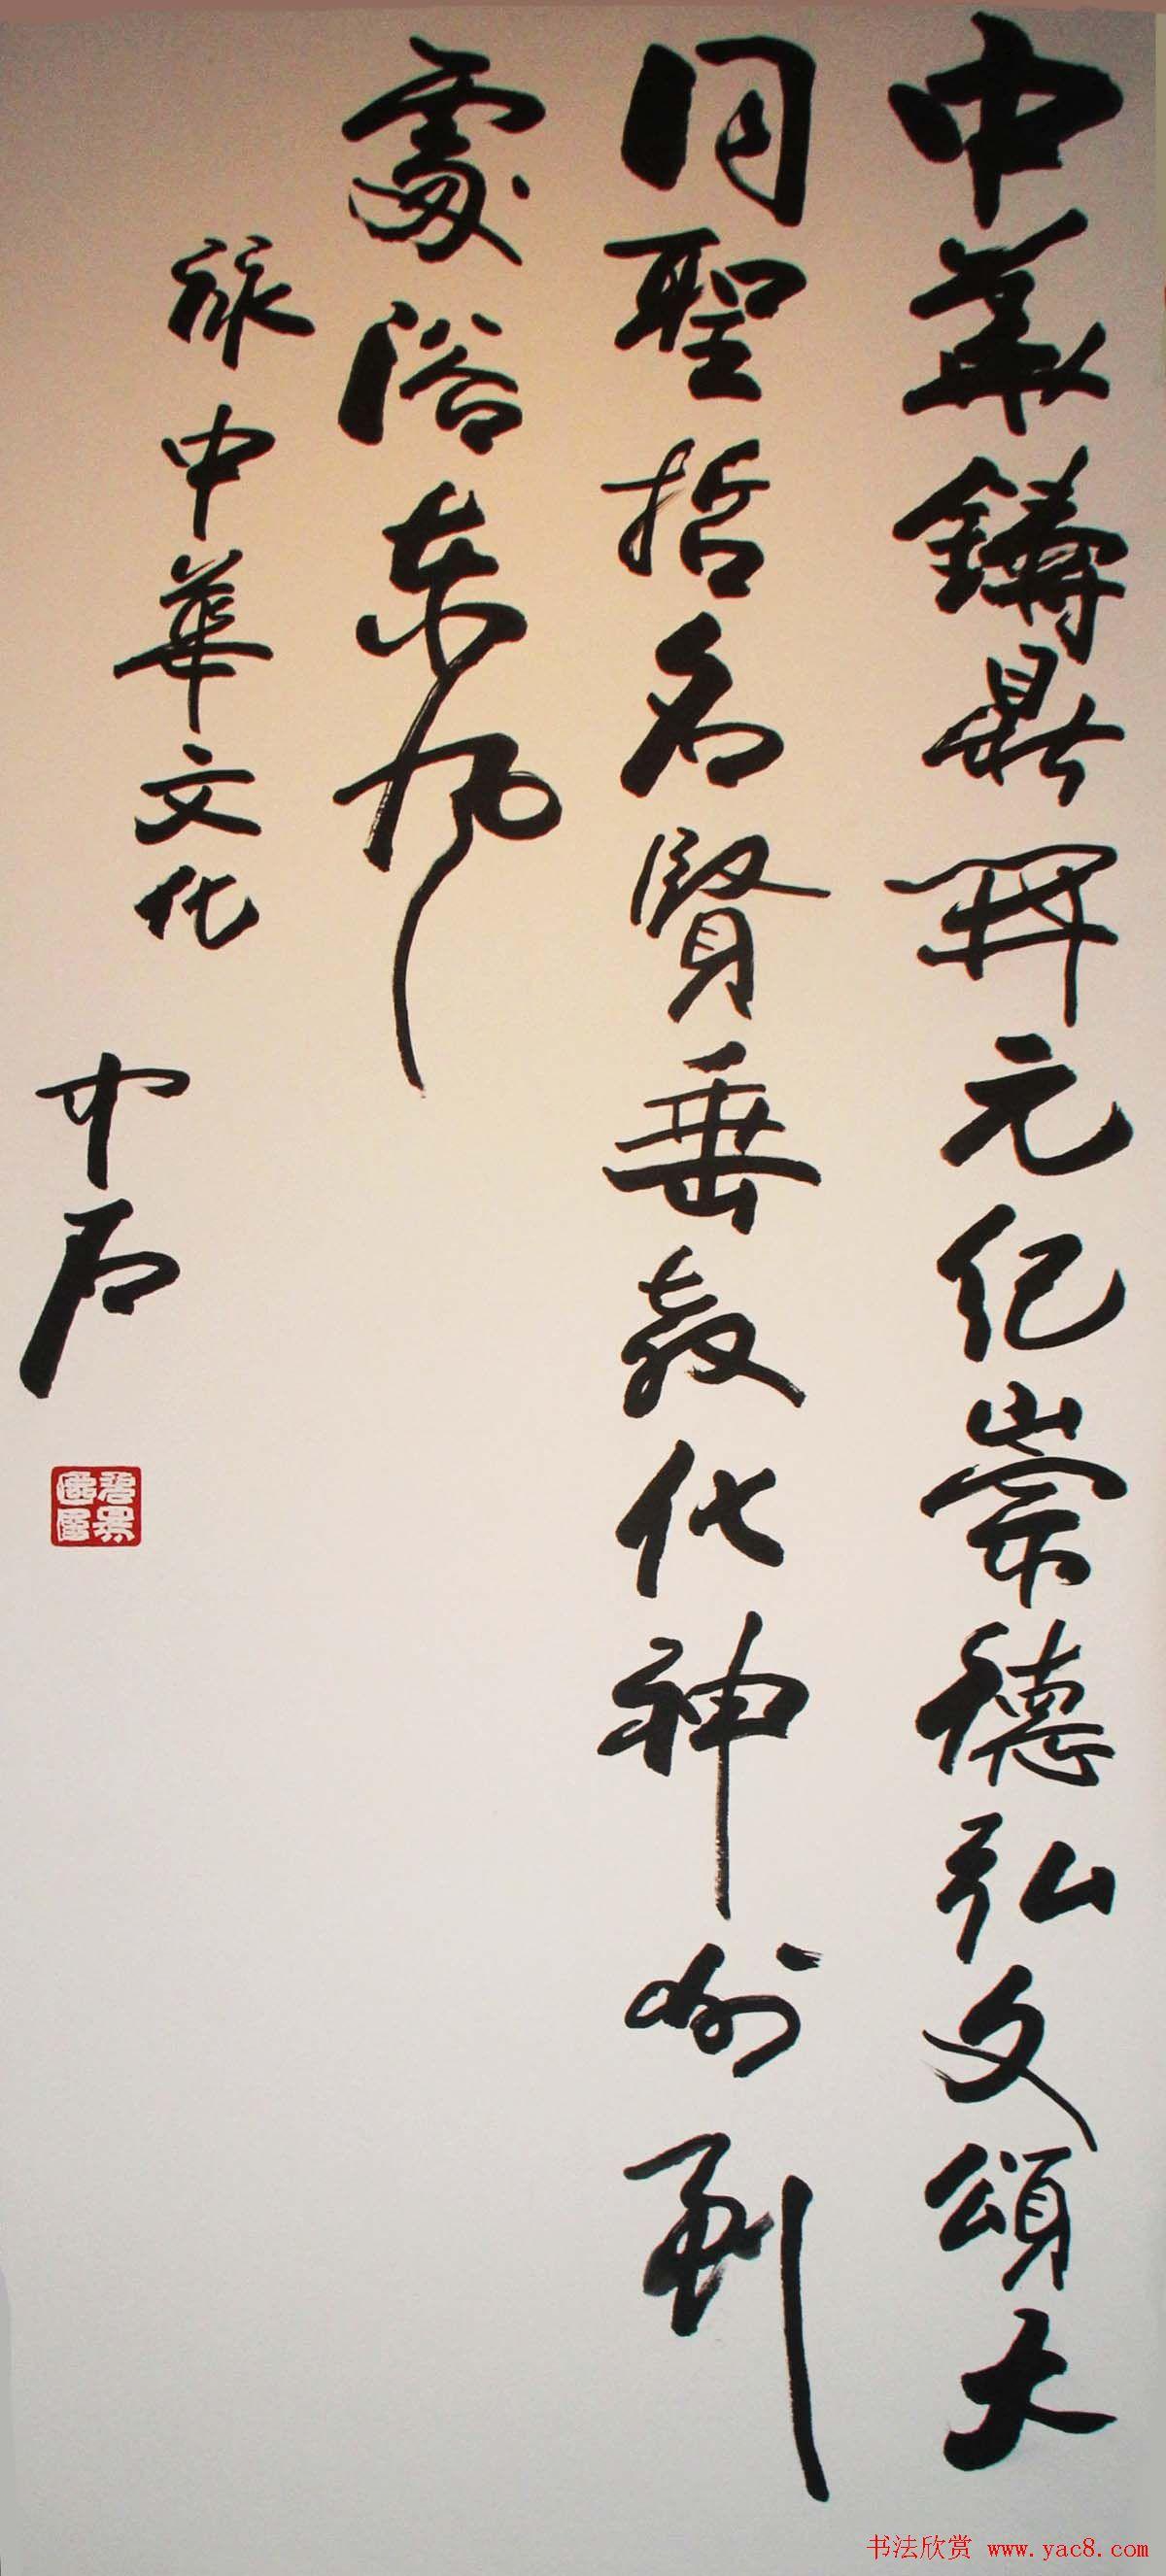 翰墨中国--全国书法作品大展名家书作欣赏